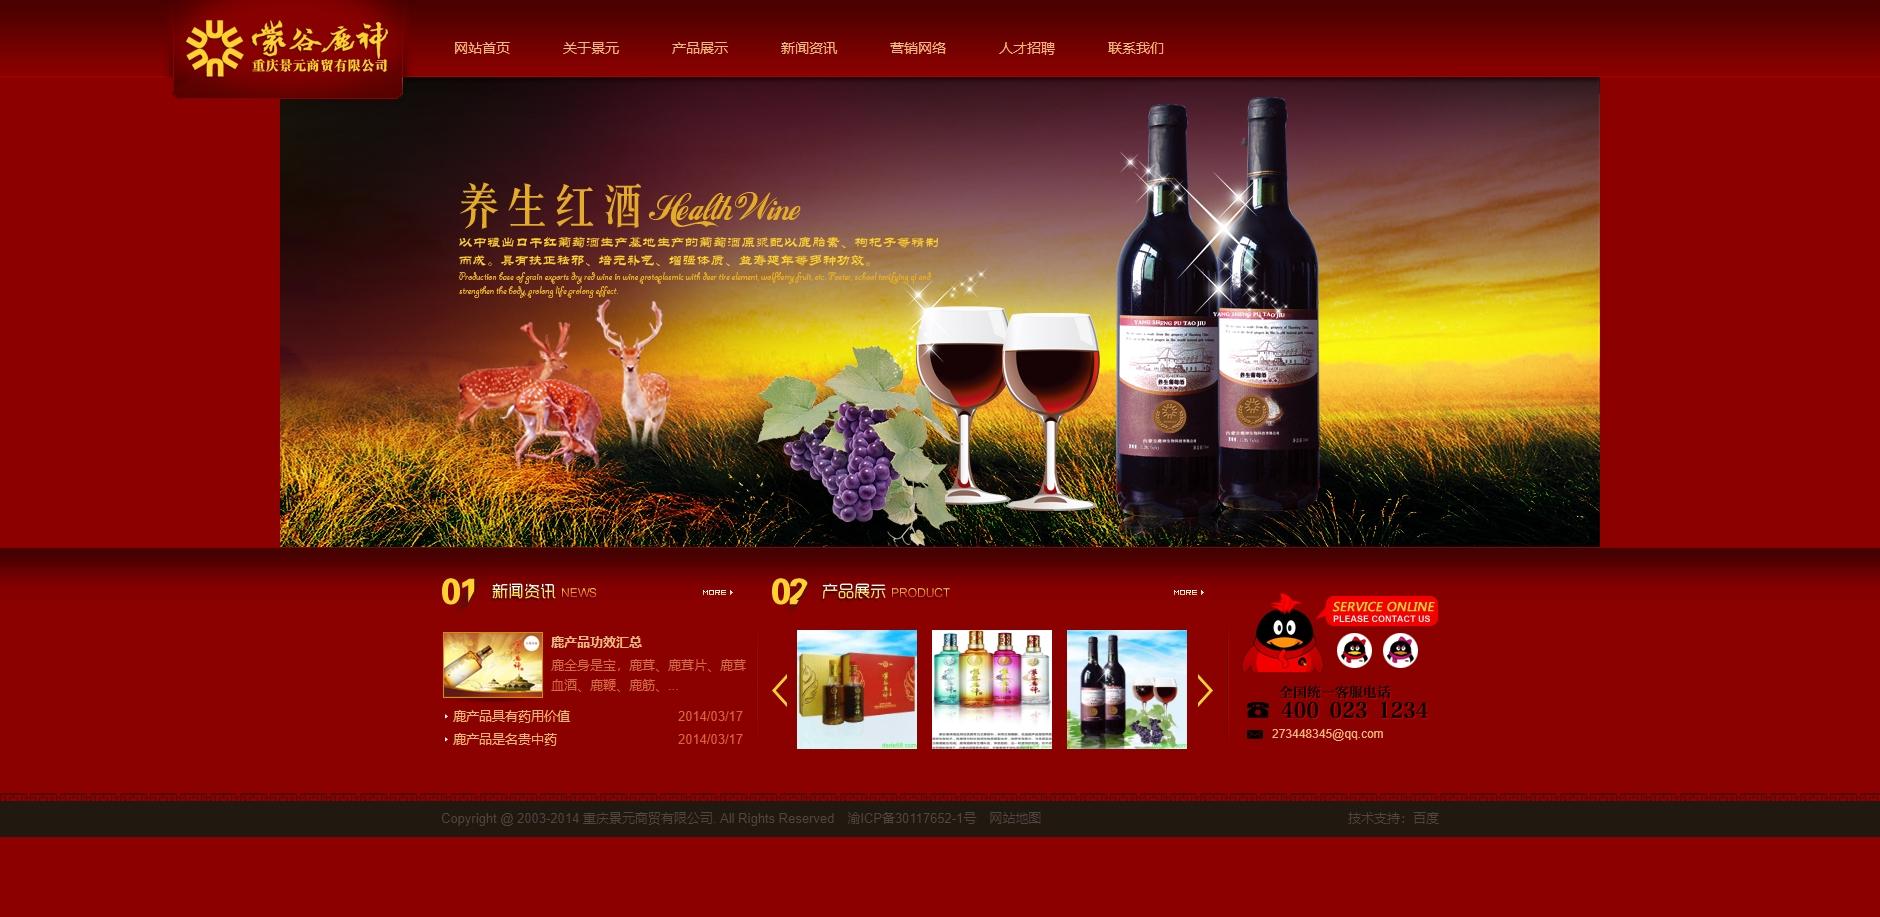 dedecms织梦红色极品酒类食品企业网站源码